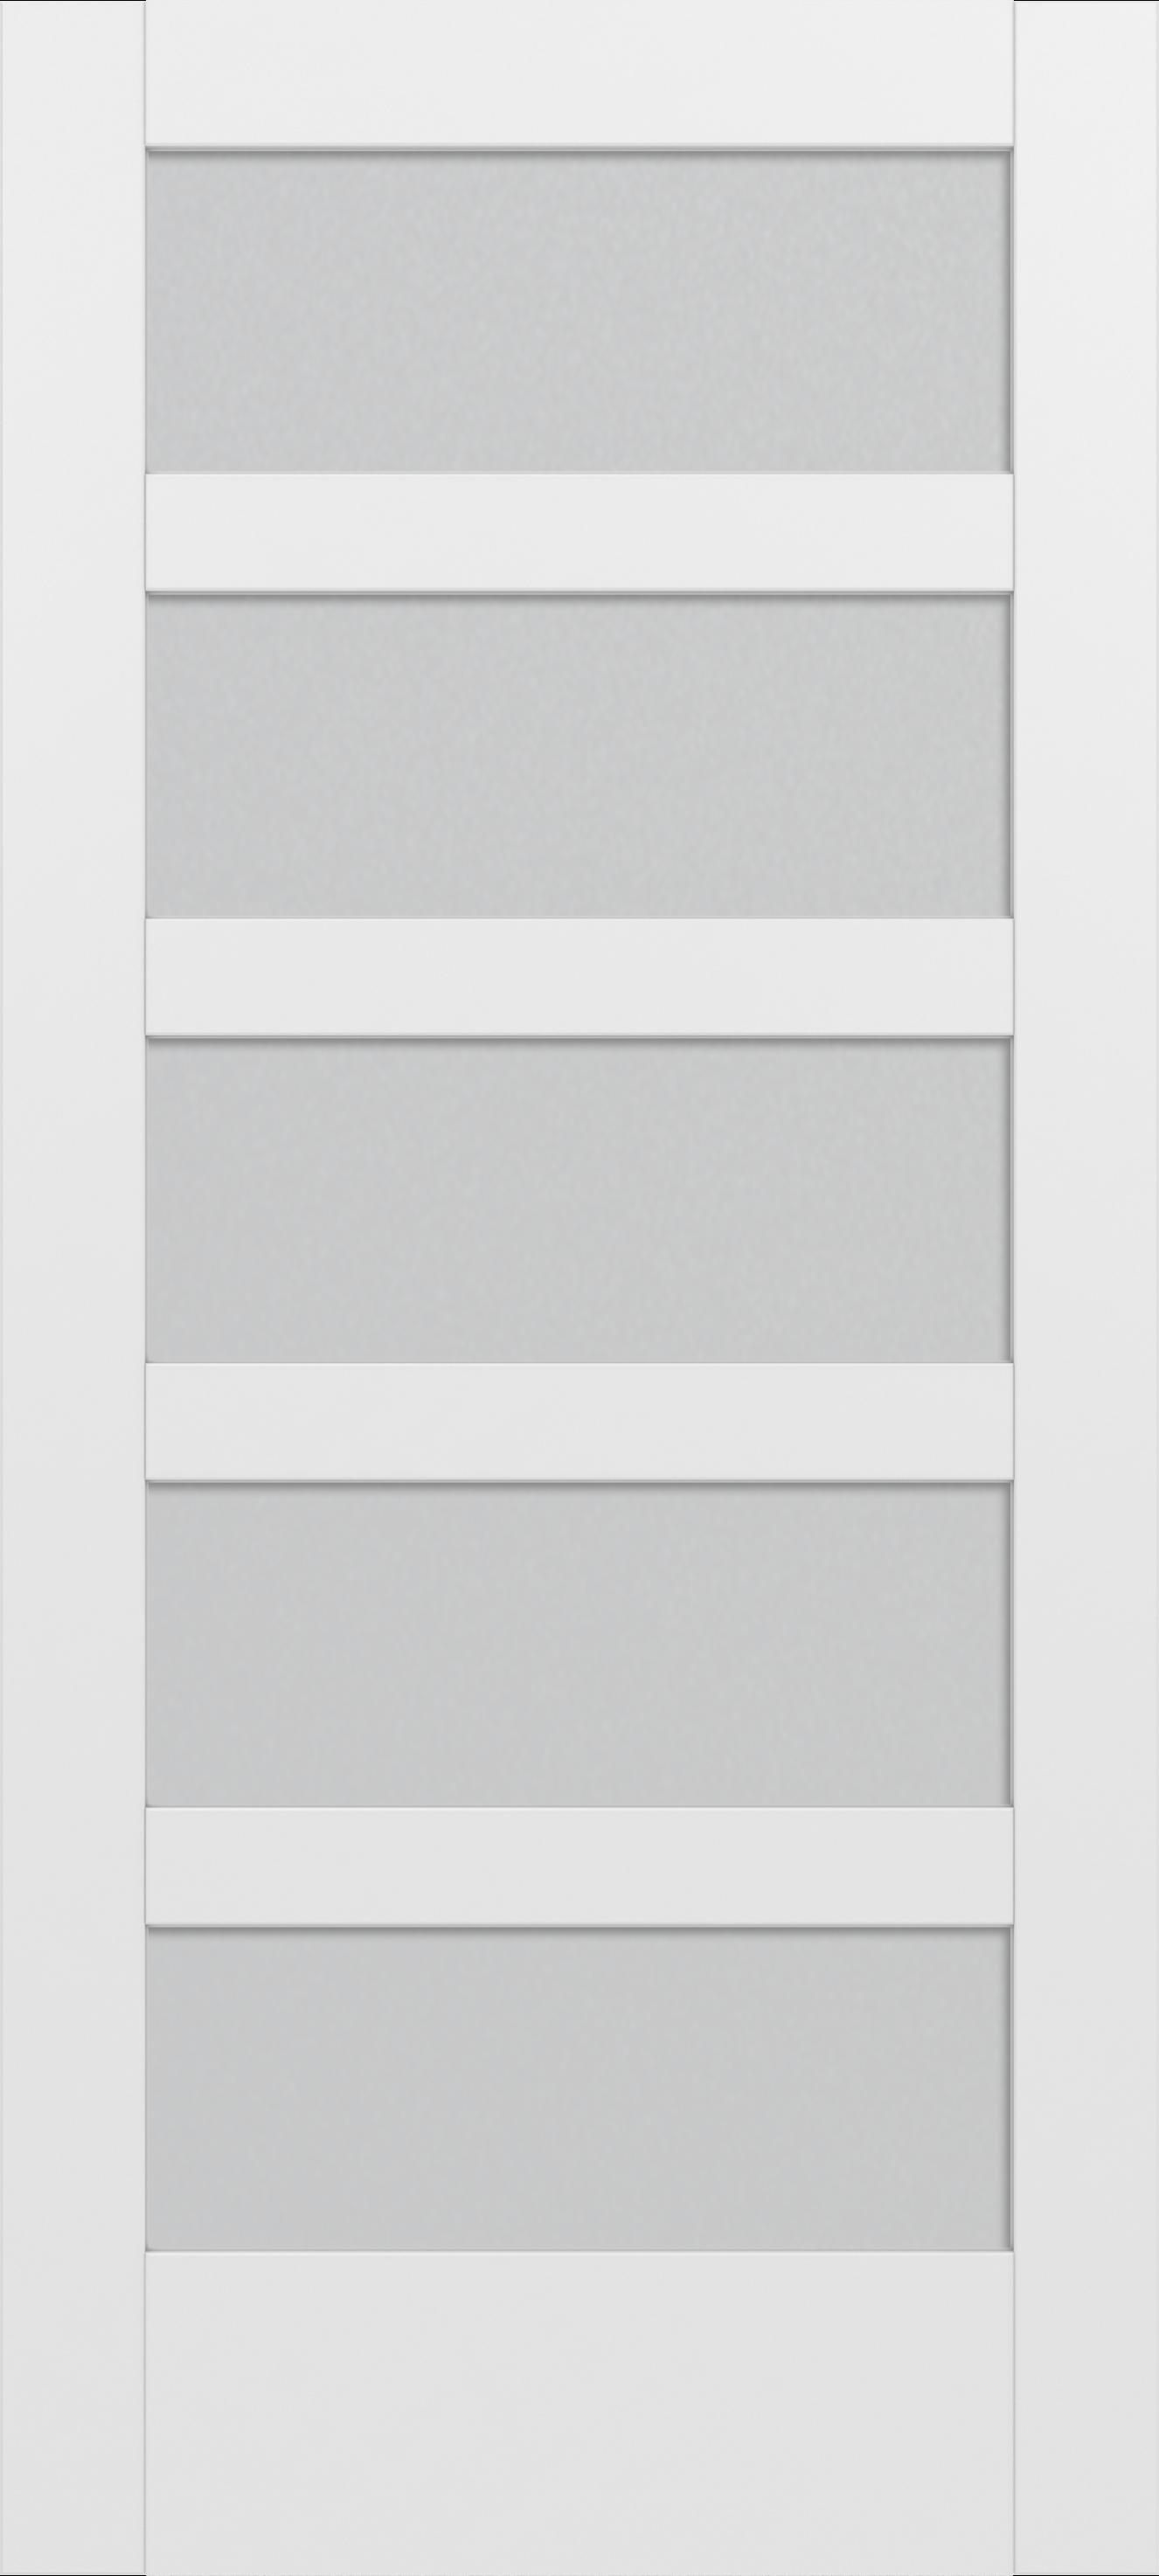 Moda Glass Panel Interior Door Jeld Wen Windows Doors Doors Interior Energy Efficient Door Jeld Wen Interior Doors